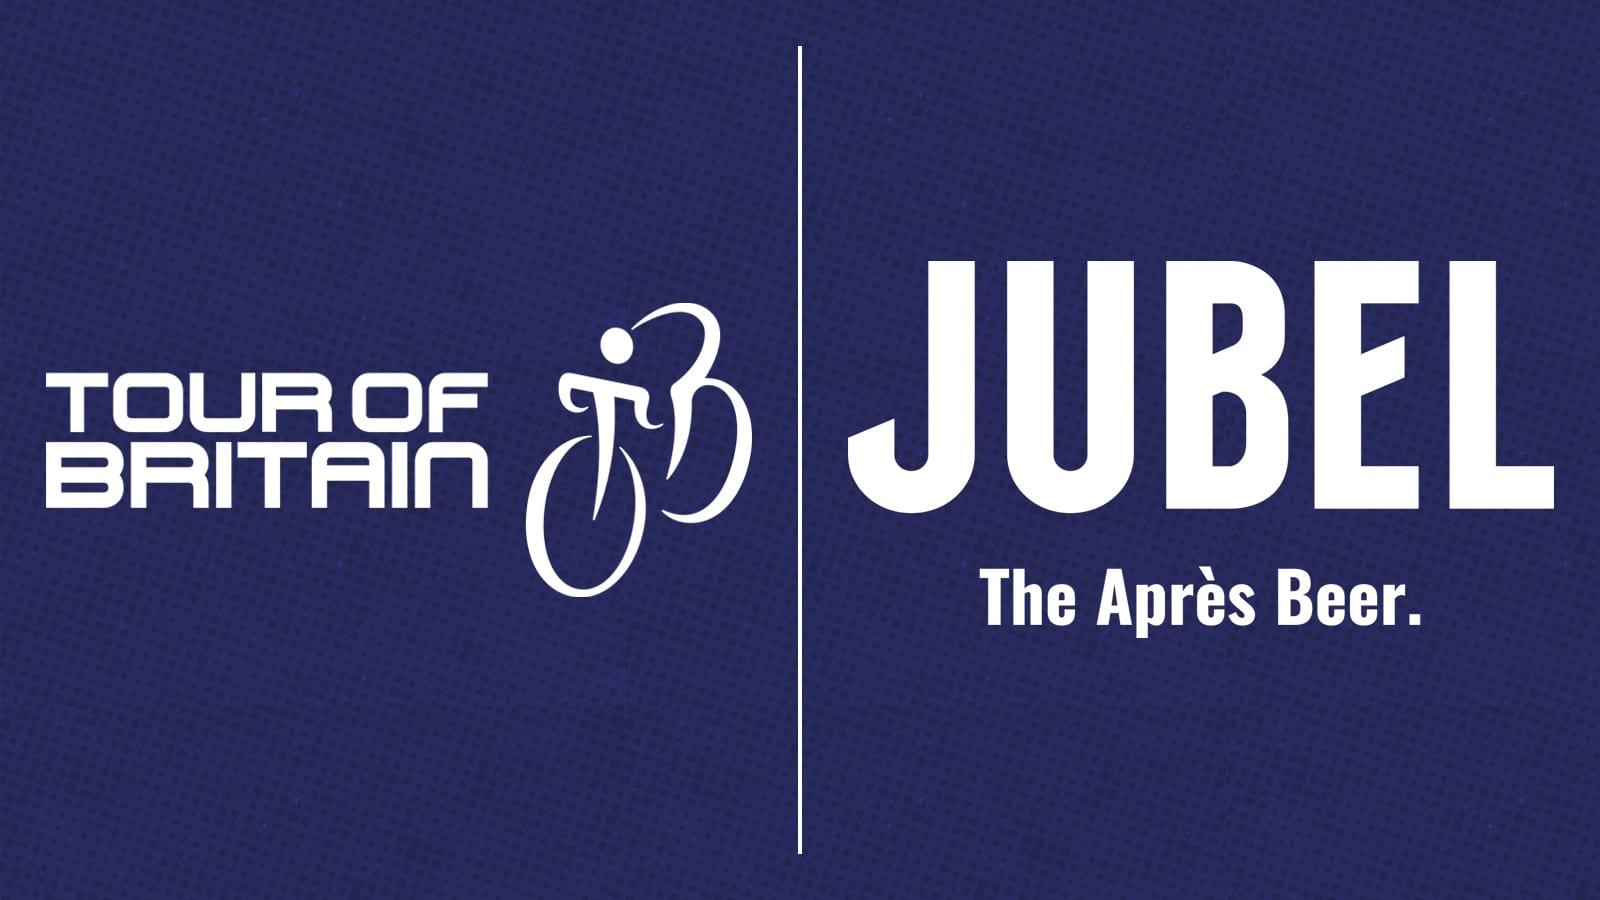 Tour of Britain JUBEL